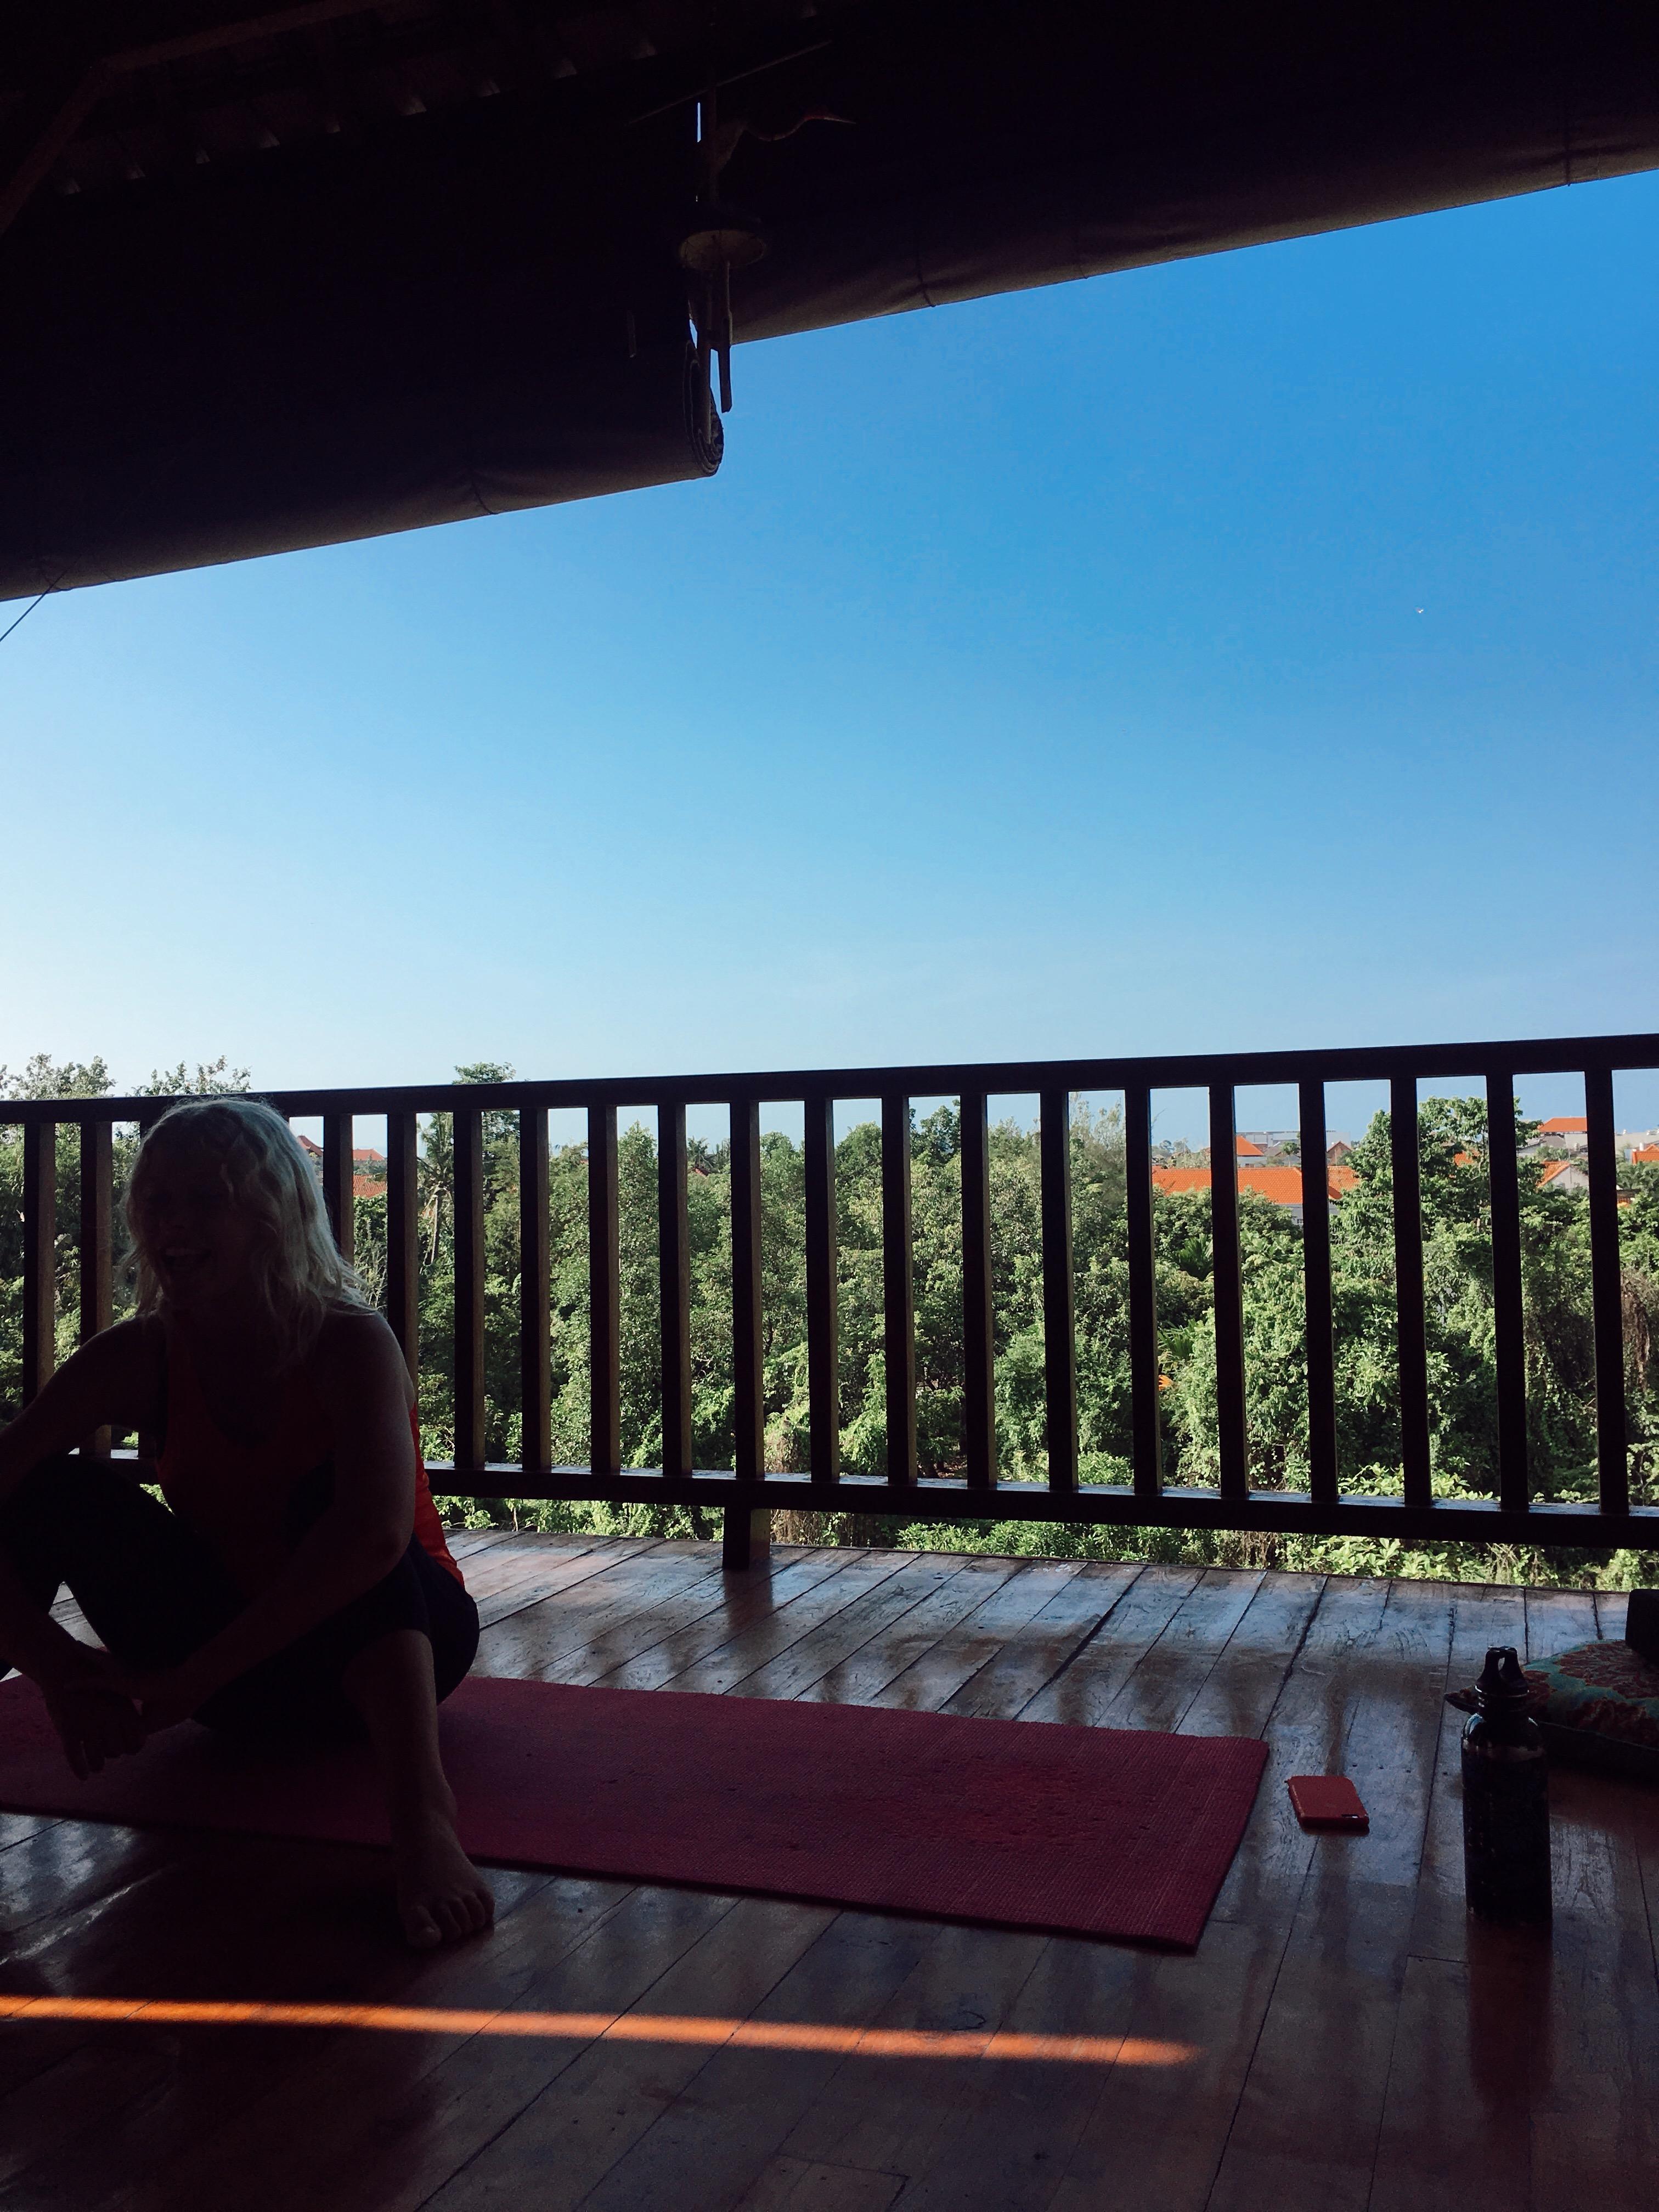 Comment choisir son stage de yoga ? Conseils avant de partir en séjour de yoga. #yoga #retreat #stagedeyoga